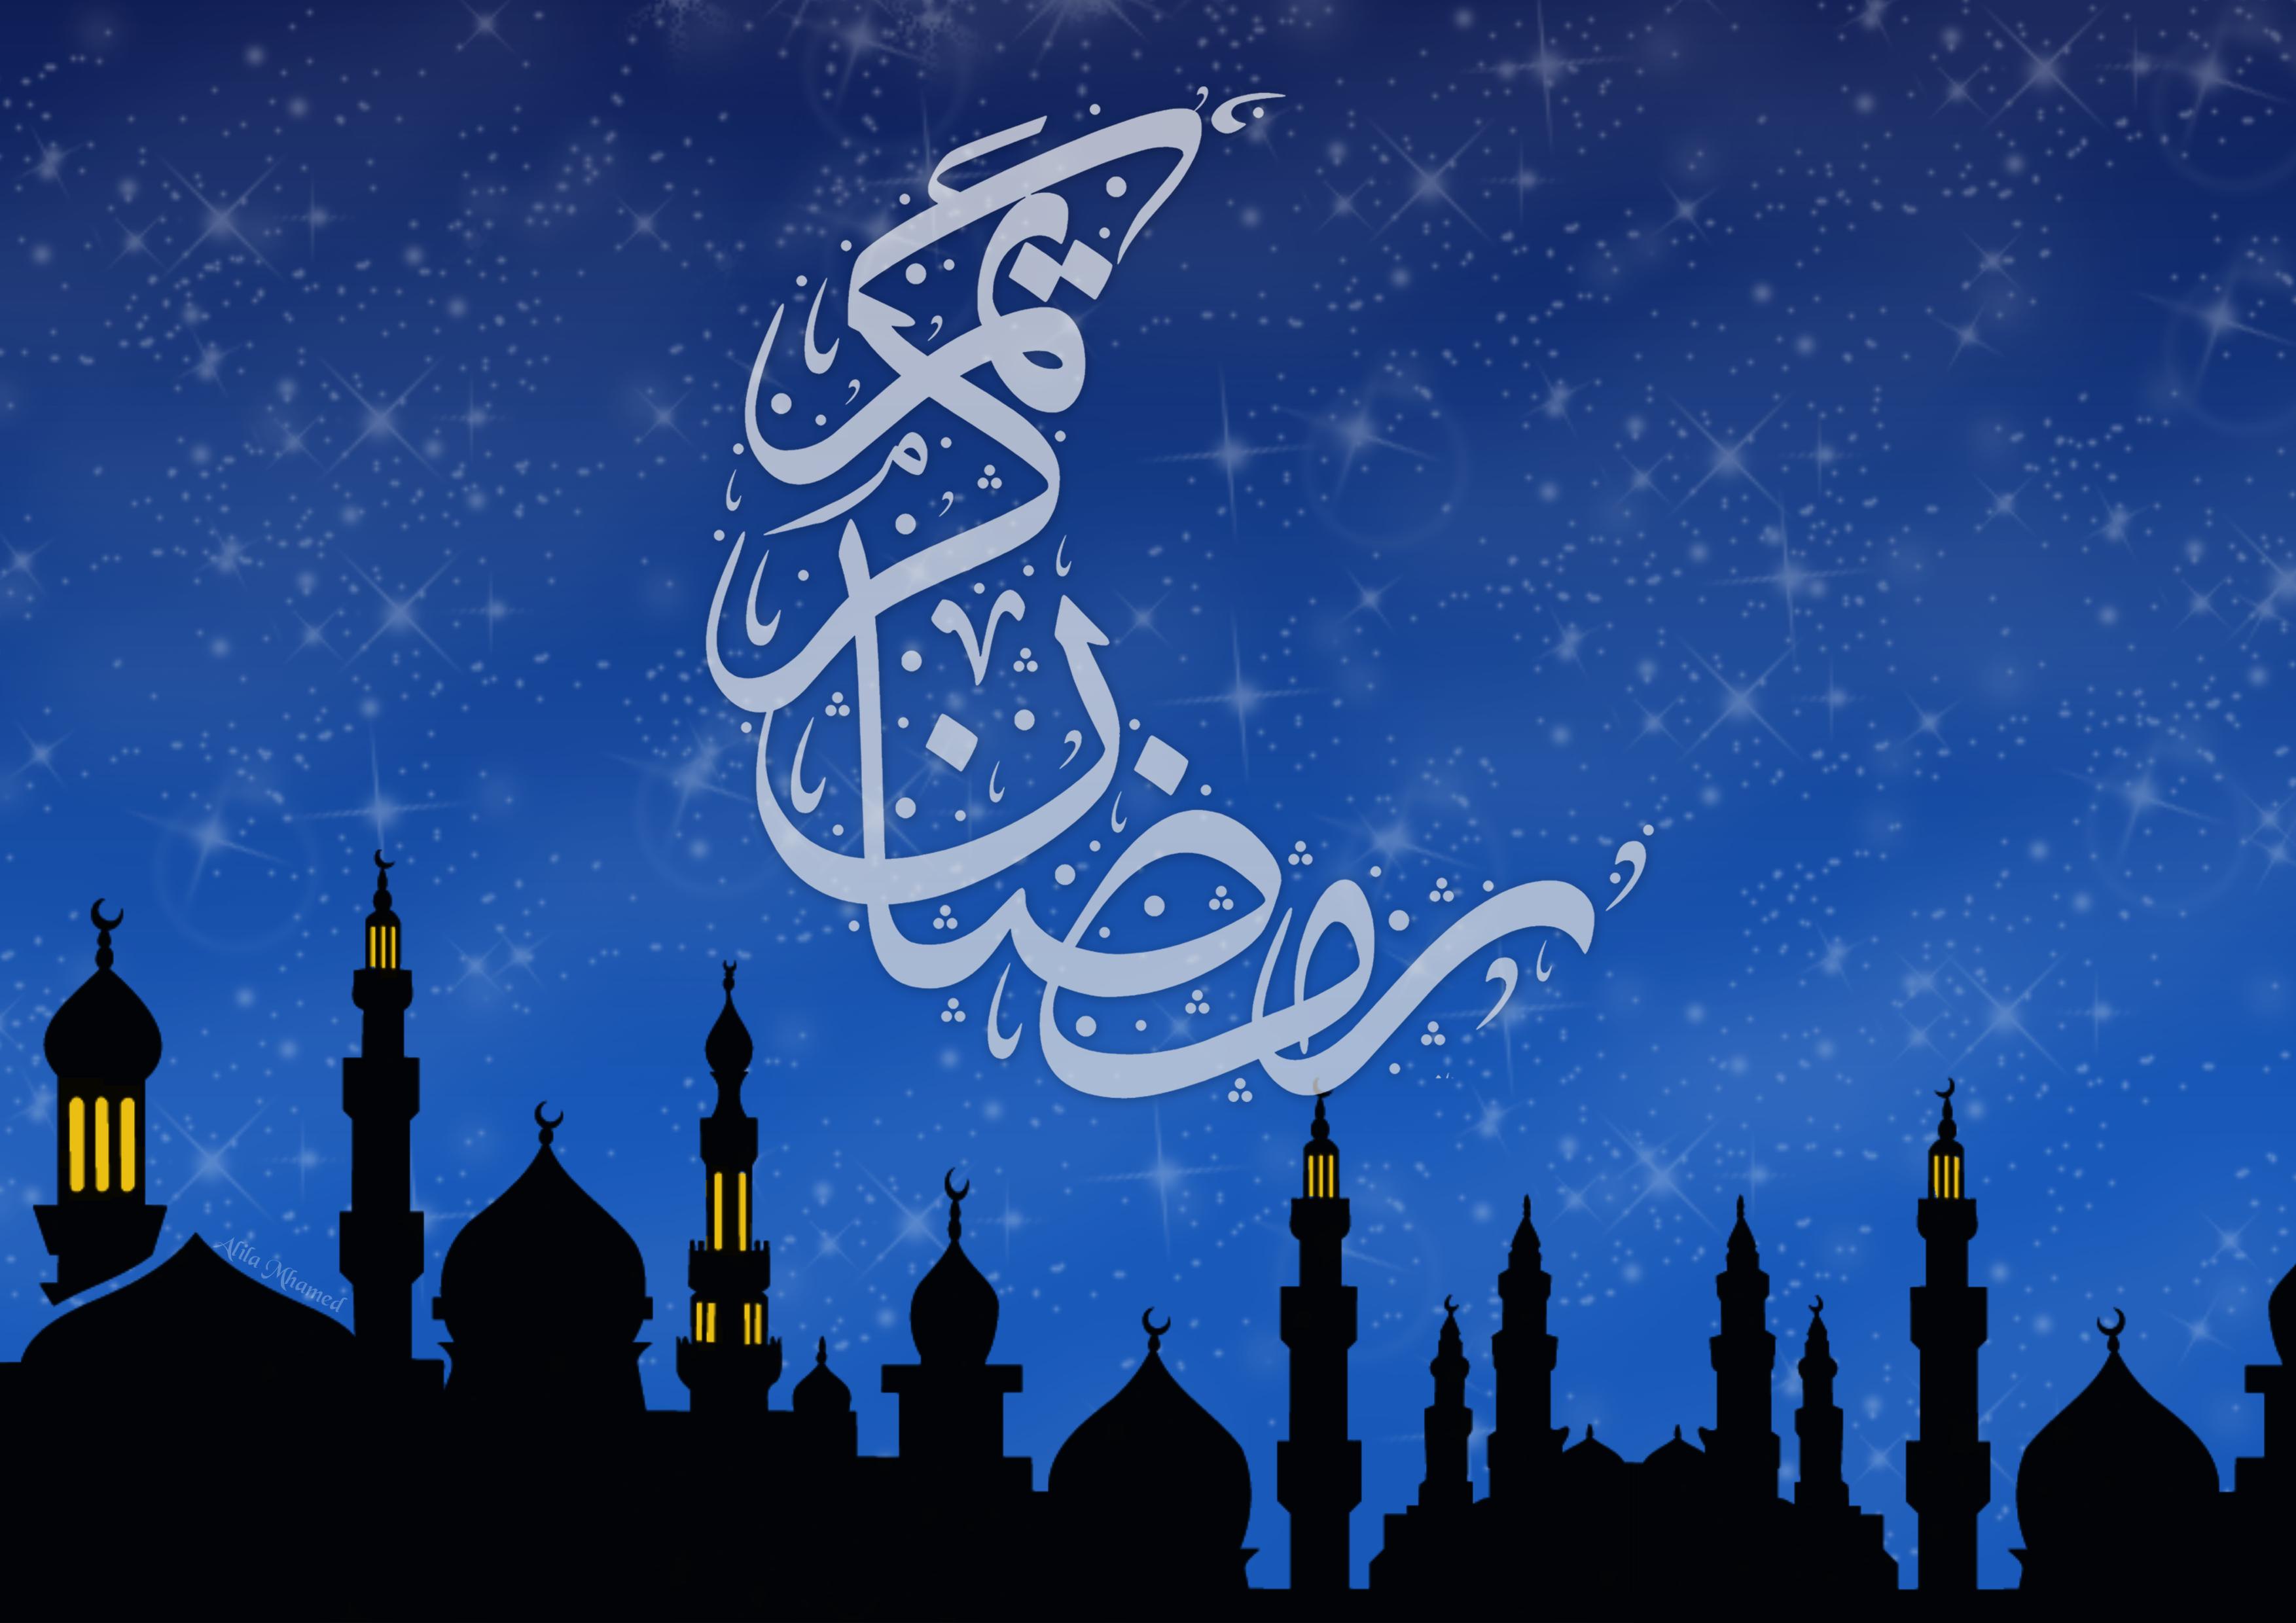 iftar ramadhan 3508x2480 wallpaper teahub io iftar ramadhan 3508x2480 wallpaper